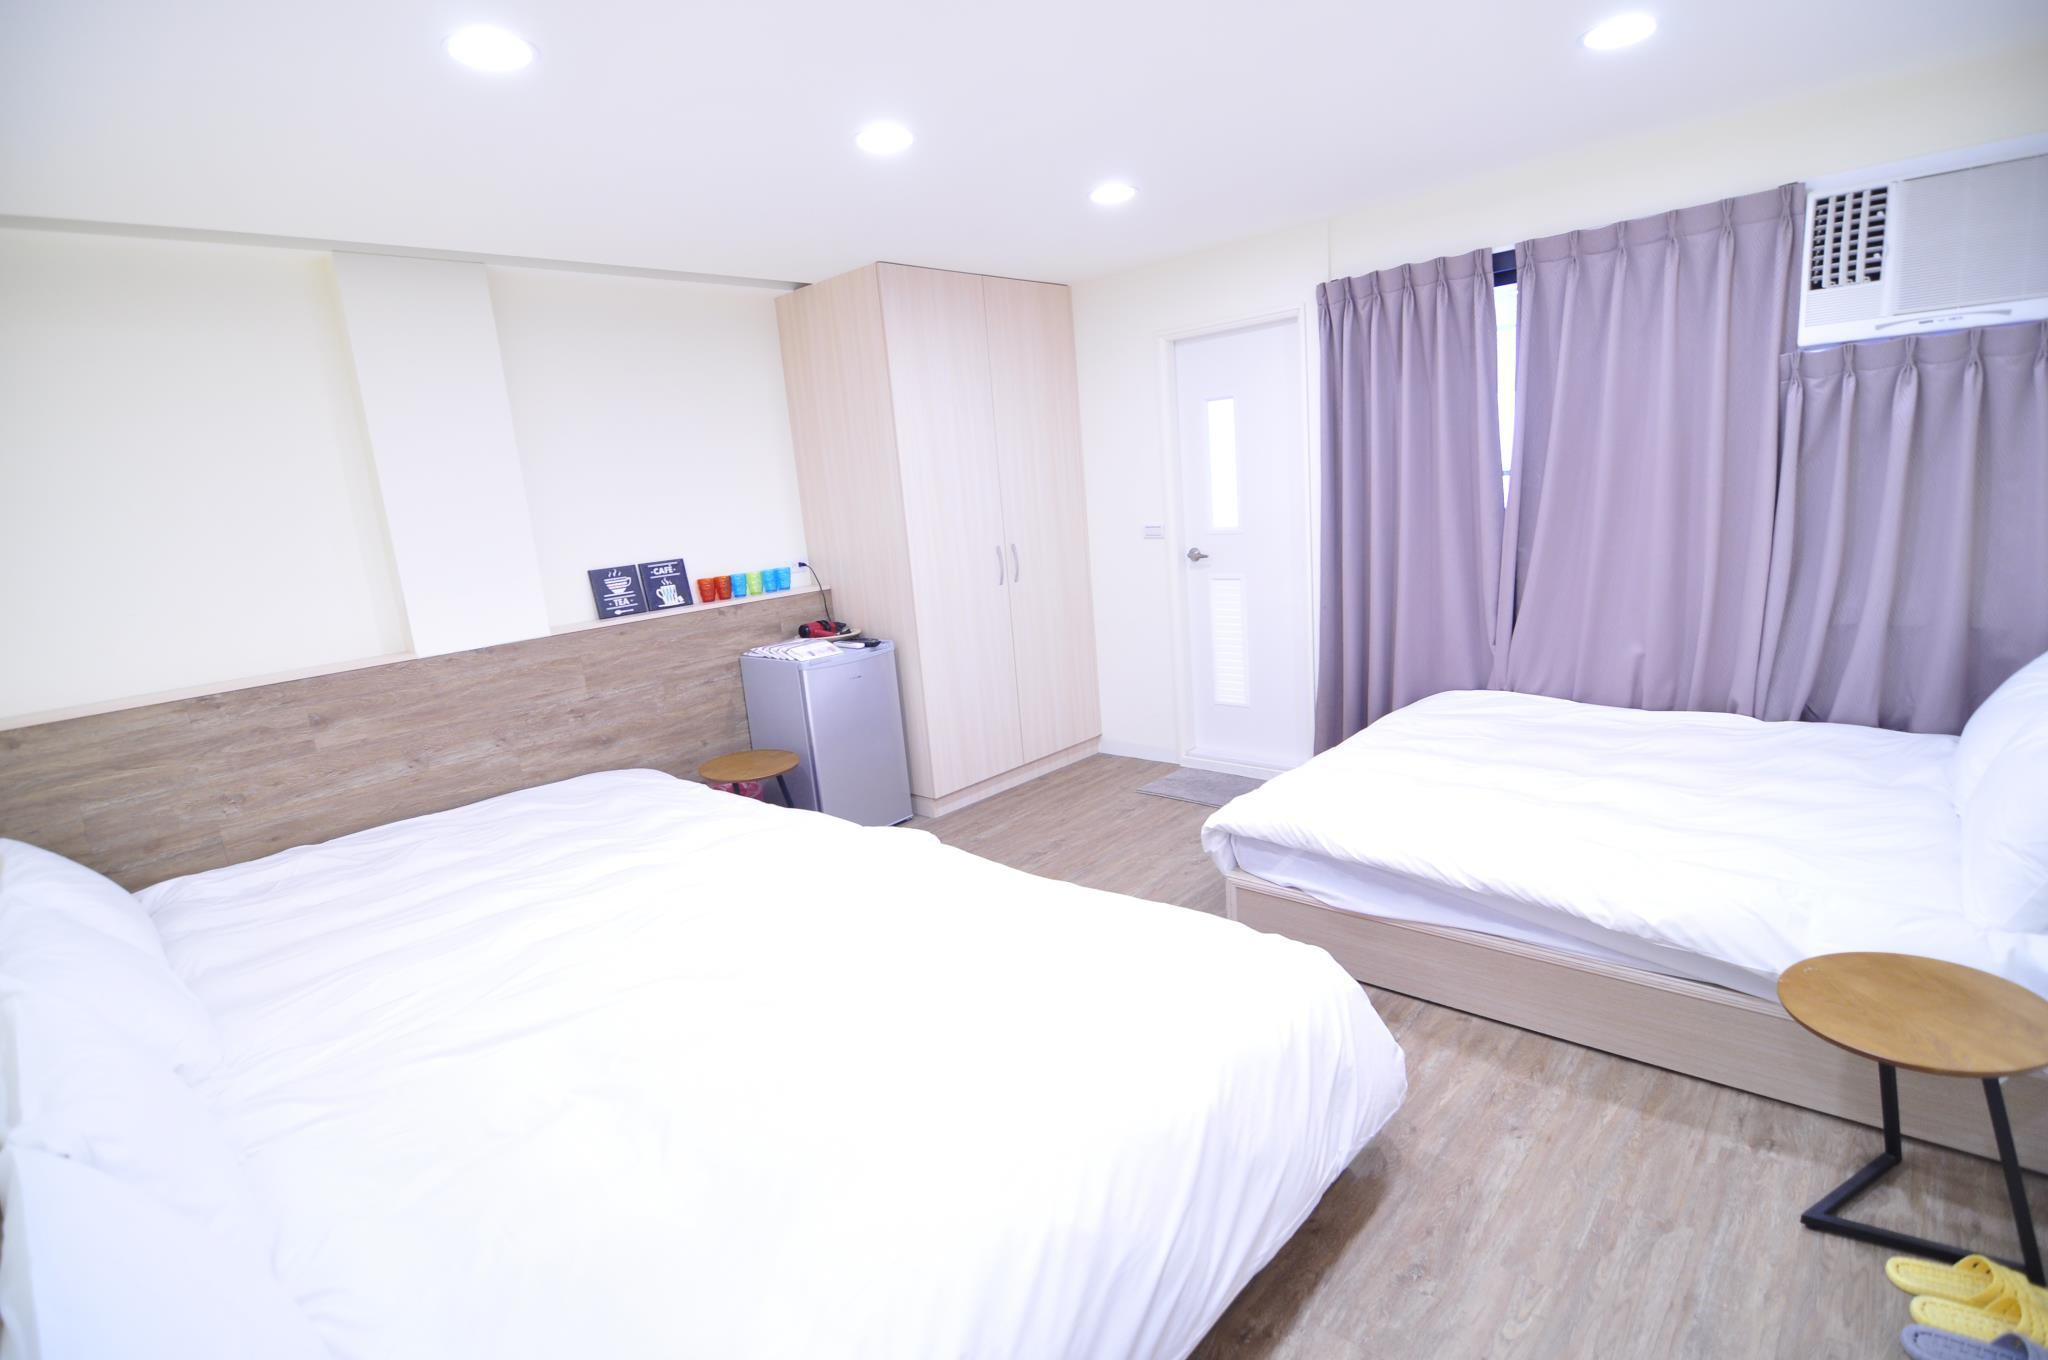 FlyinnhostelQuad Room 1